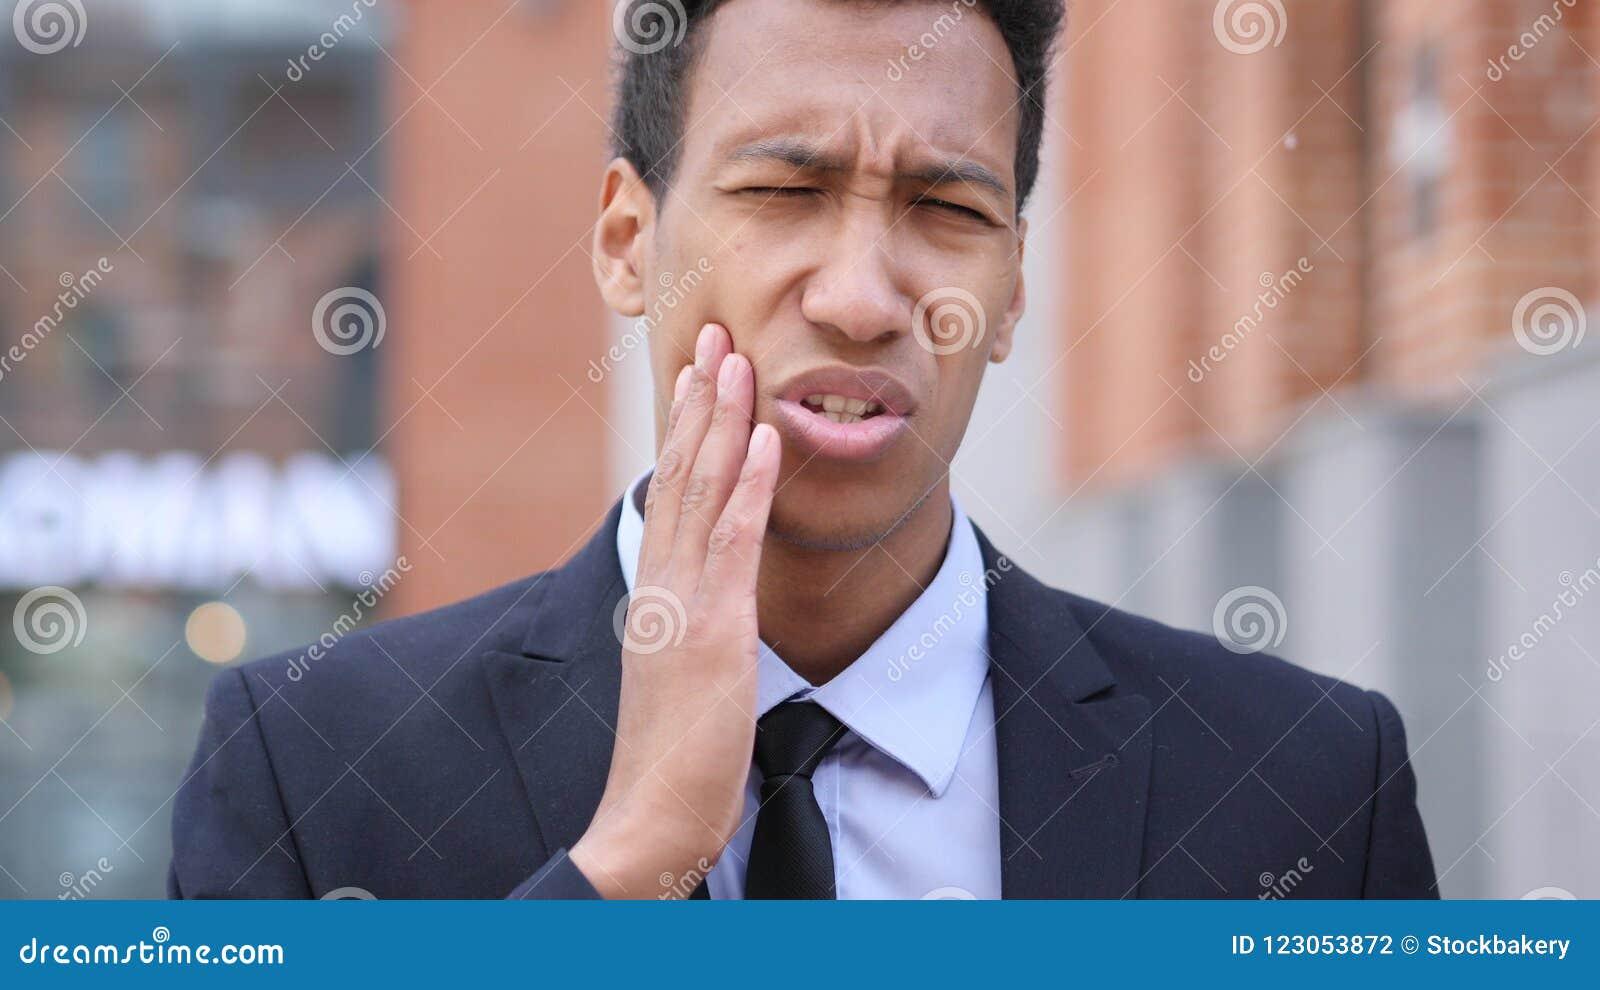 Tandpijn, Afrikaanse Zakenman met Tandbesmetting